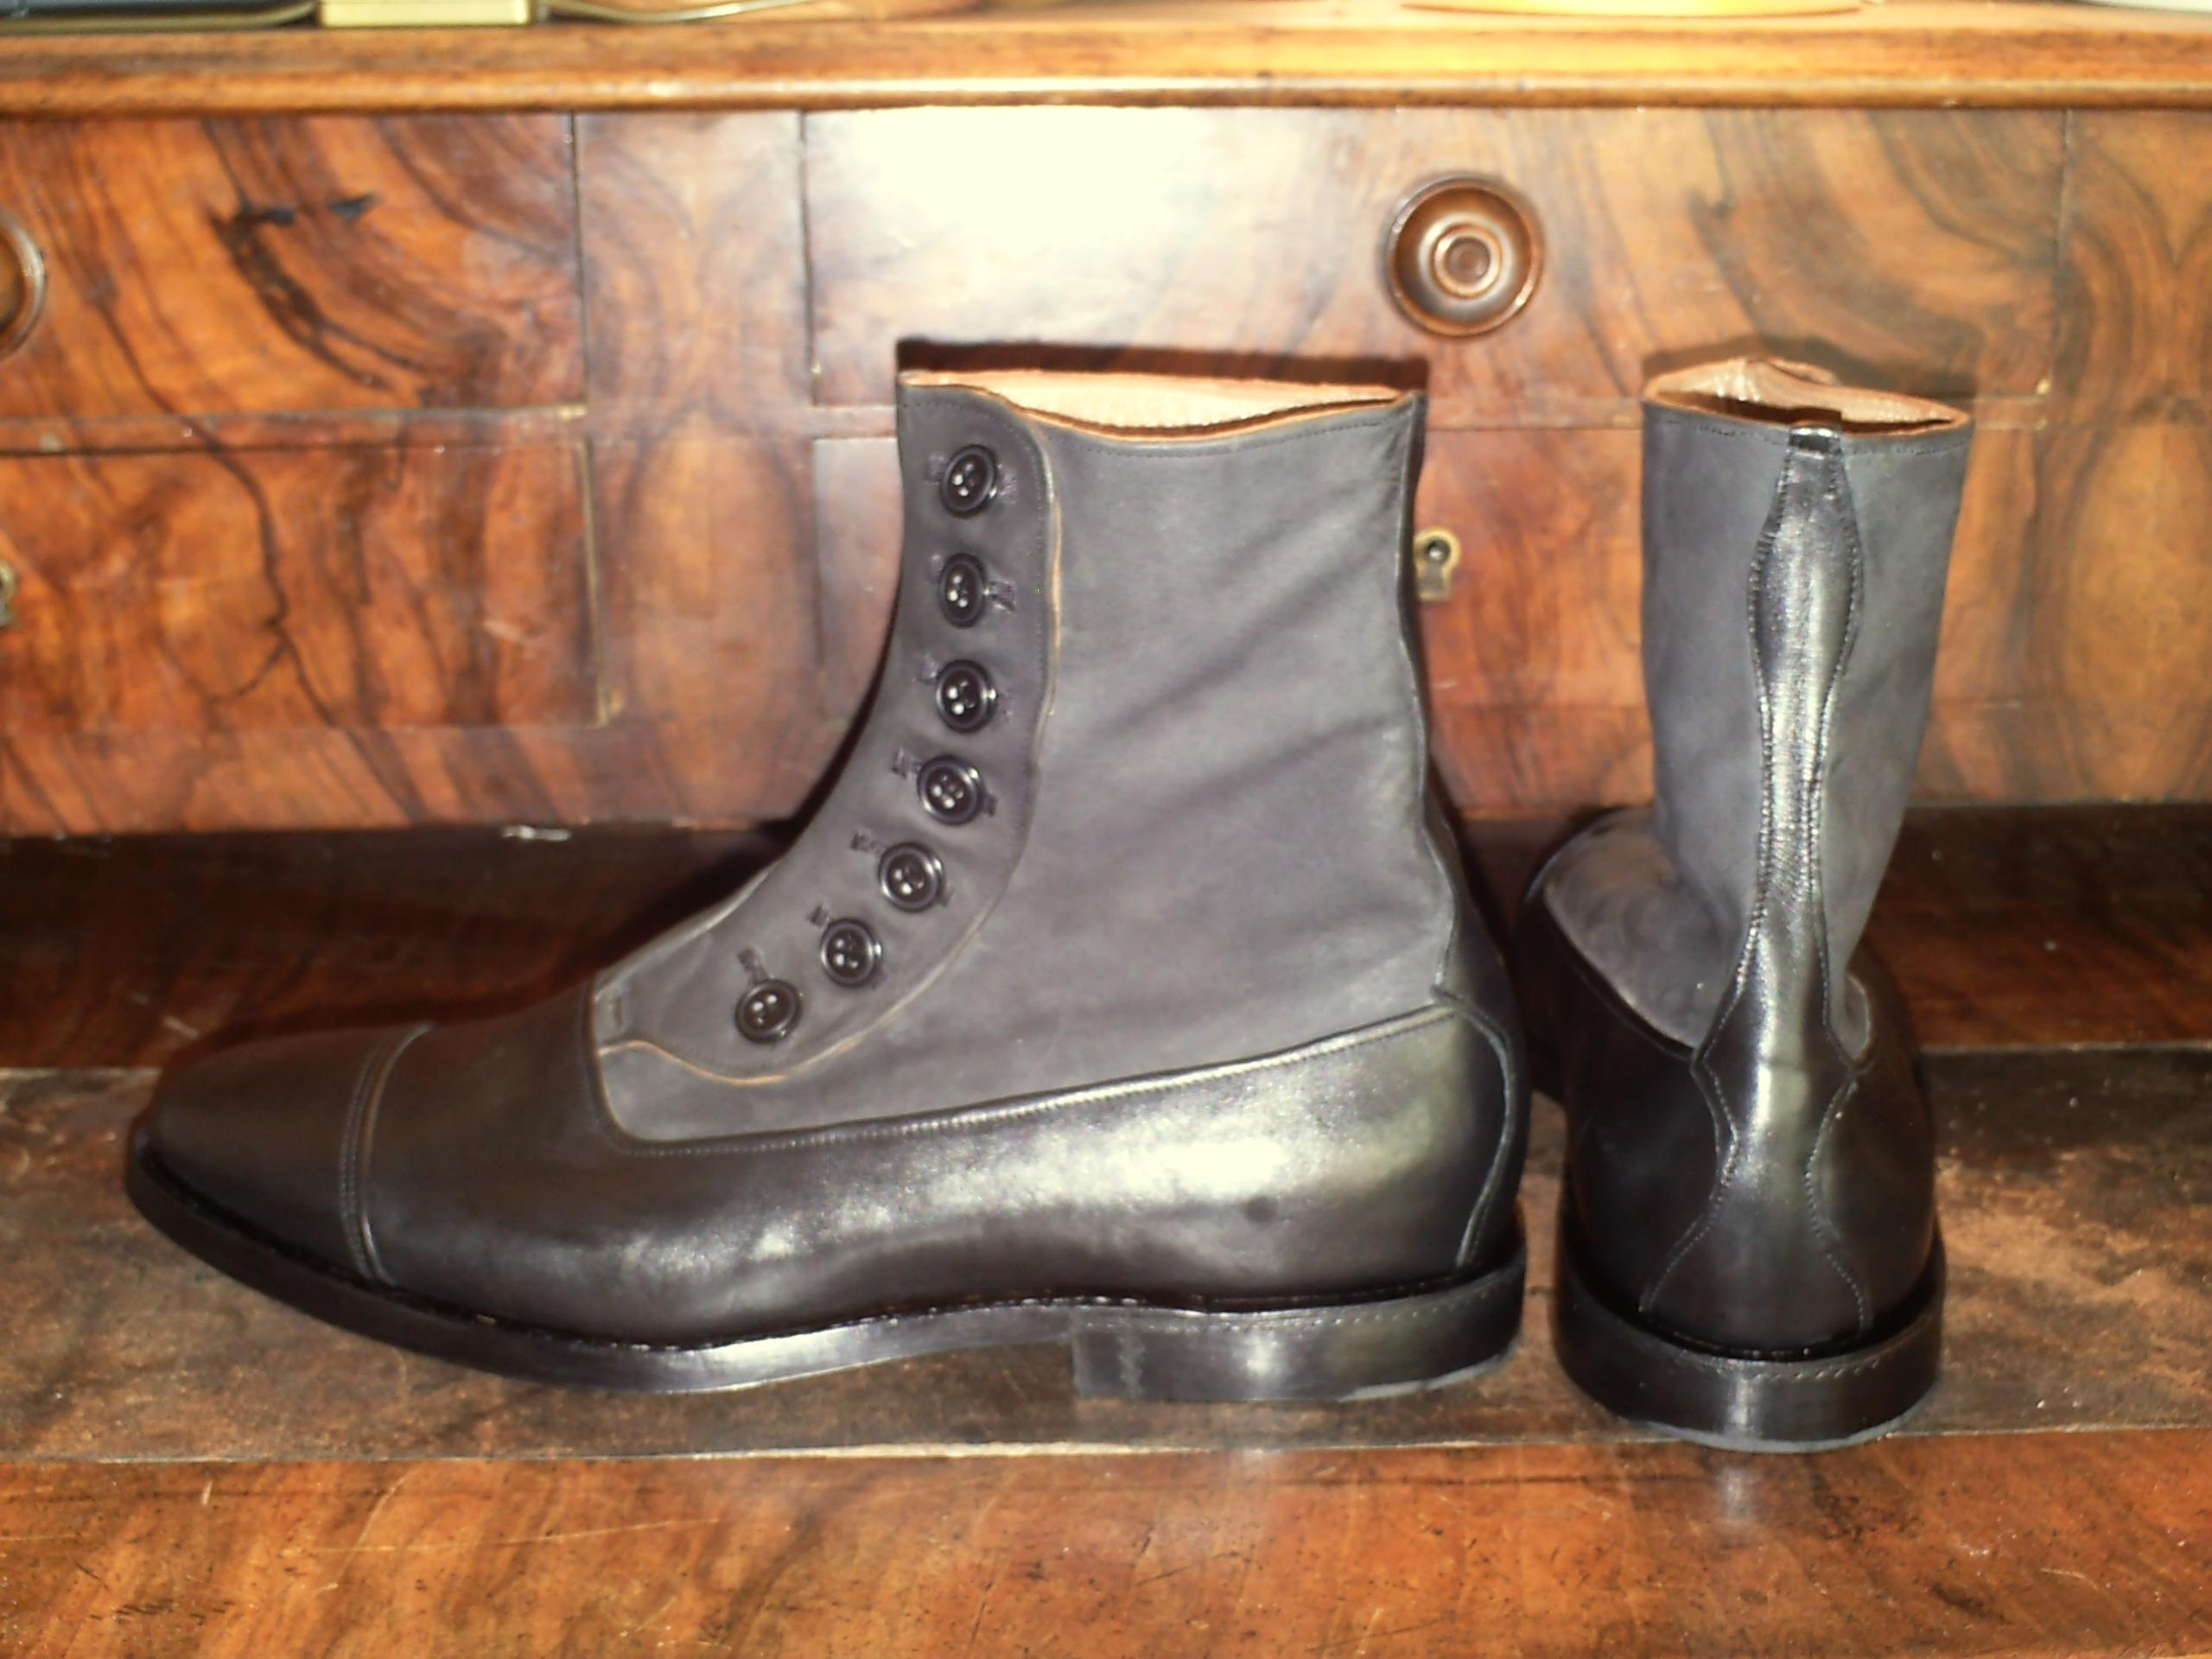 Le Chaussures Hommes De Sur Mesure Castellet Pour À Création sQrdtBCxh